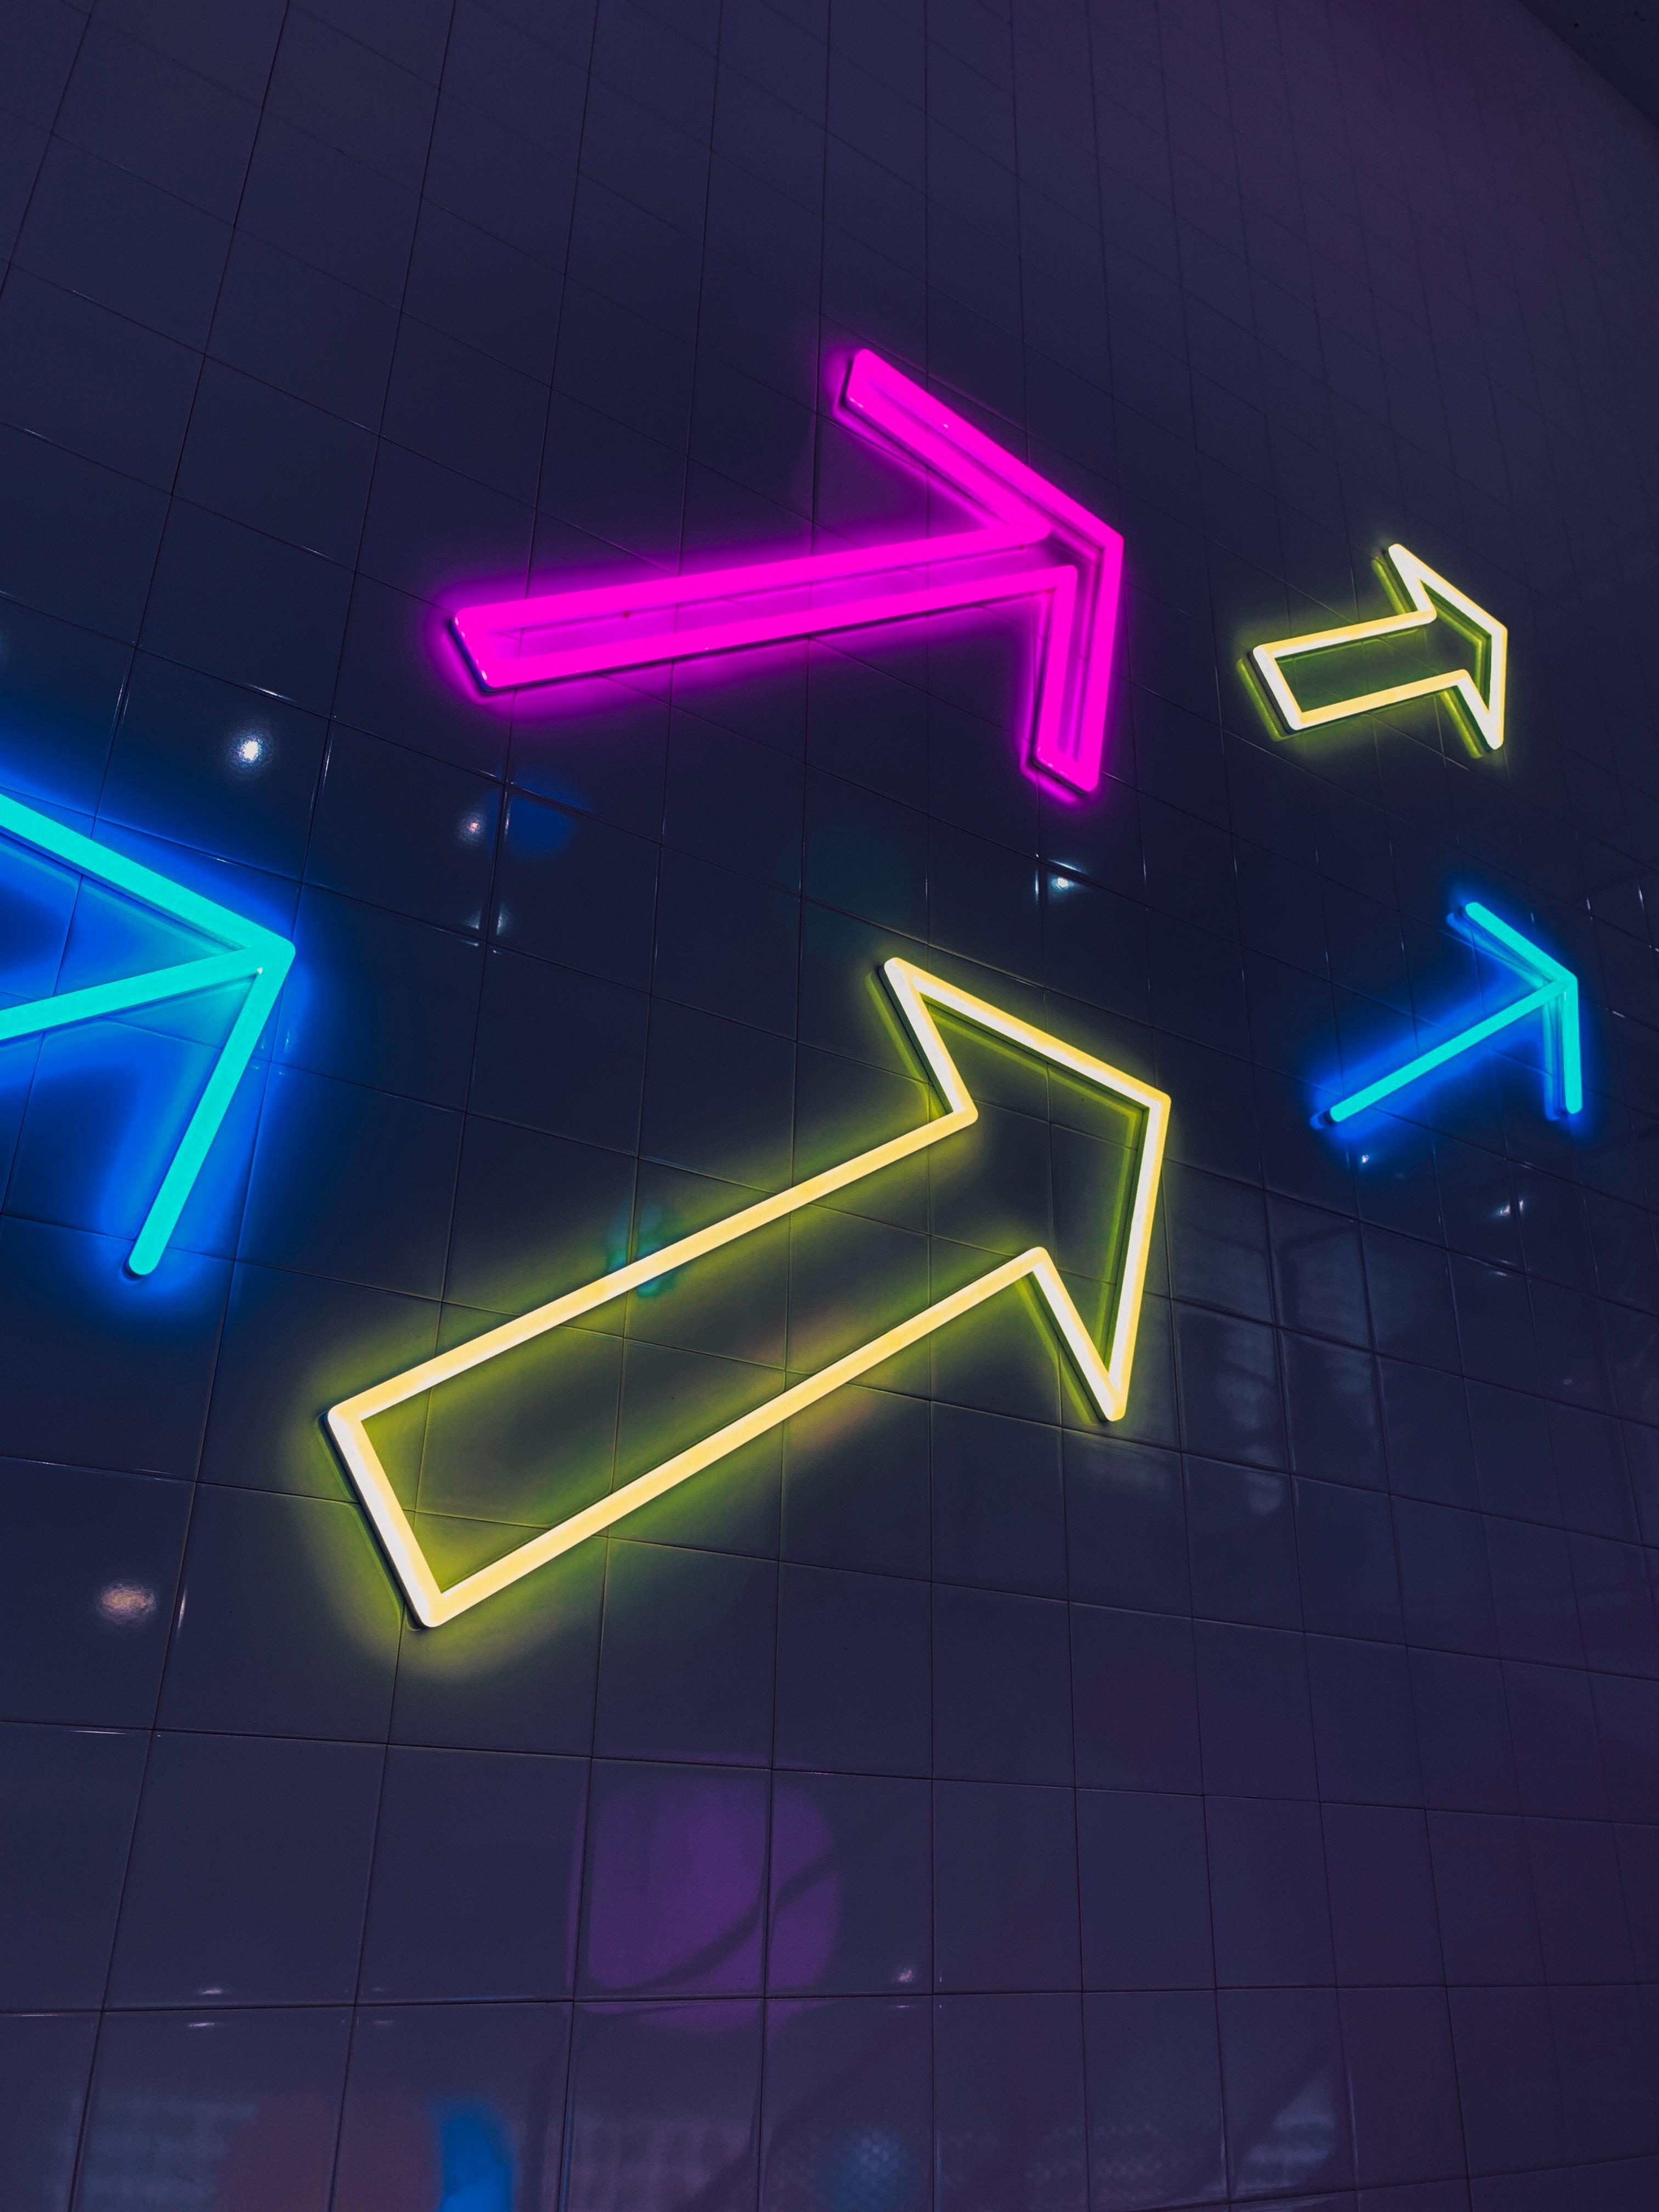 153944 Hintergrundbild herunterladen Symbole, Zeichen, Dunkel, Mehrfarbig, Motley, Neon, Glühen, Glow, Pfeile - Bildschirmschoner und Bilder kostenlos